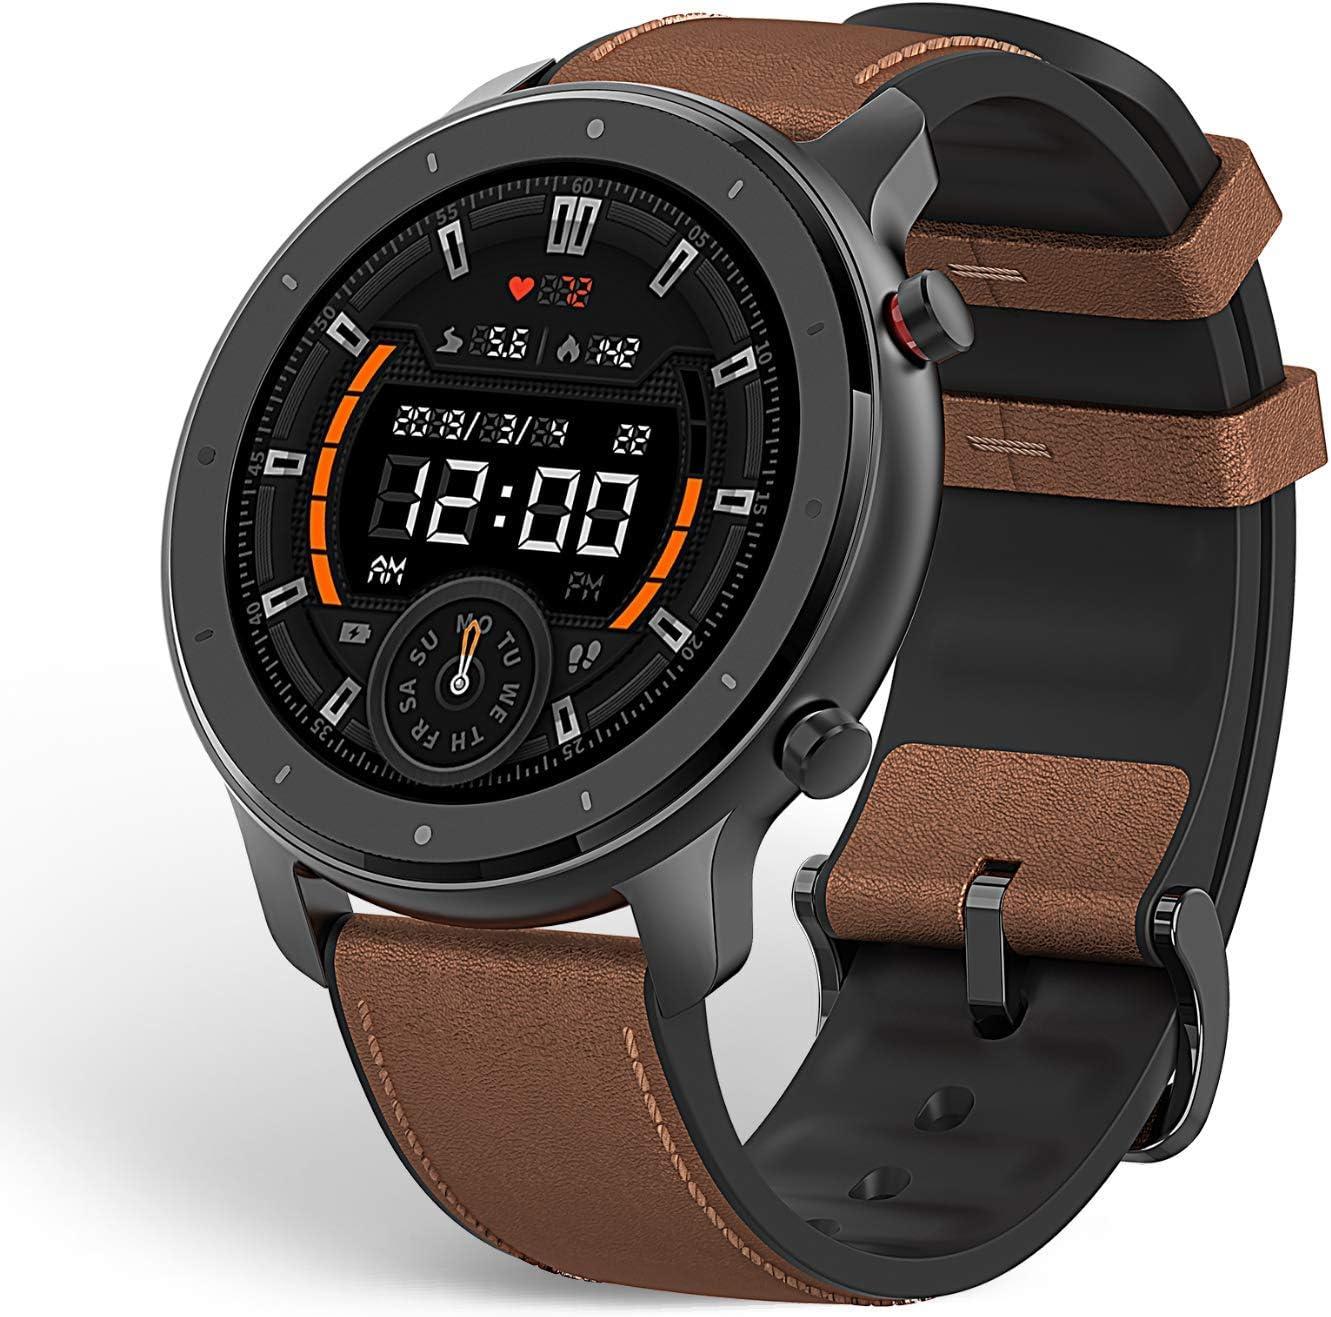 Amazfit GTR 47mm Reloj Smartwatch Deportivo | 20 días de batería | AMOLED de 1.39